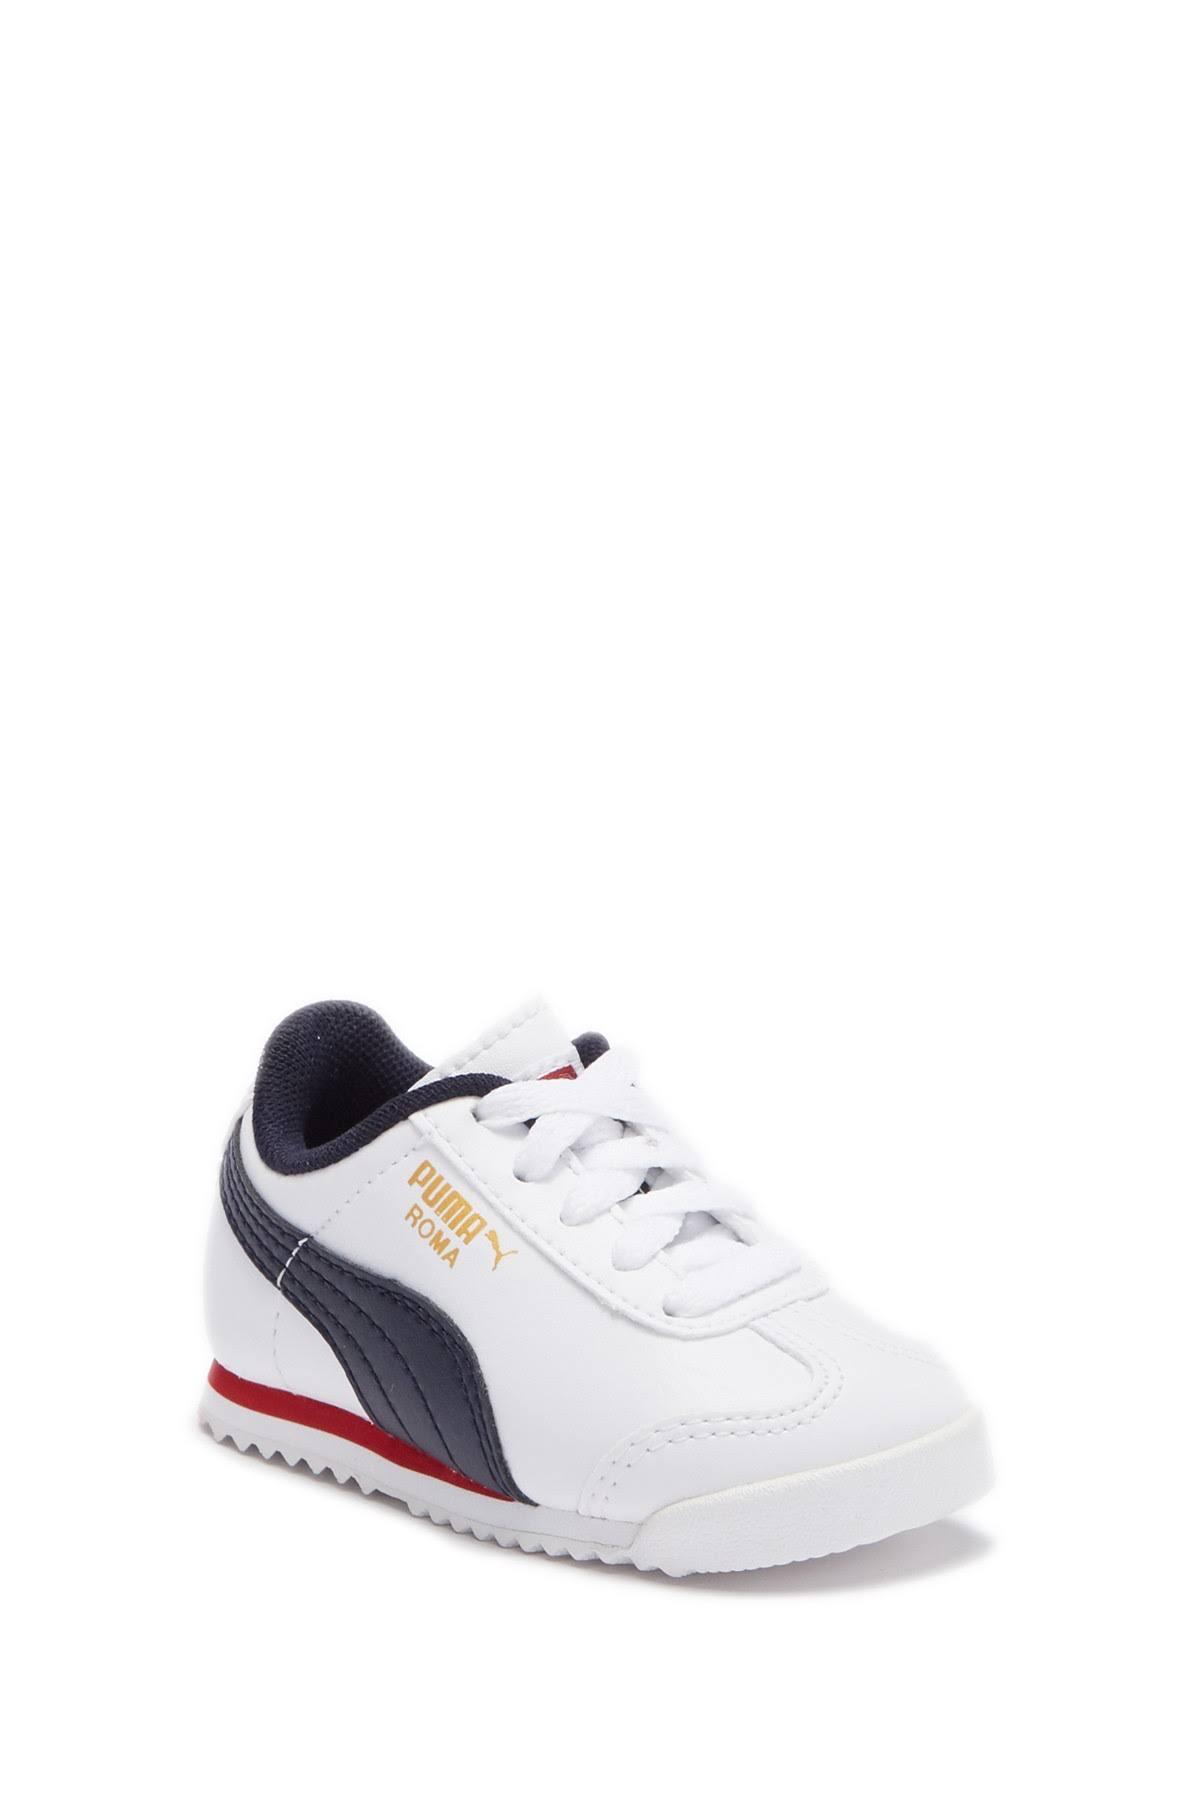 Kinder Roma Puma Sneakers Leder Sneaker White 1zafRqnfO